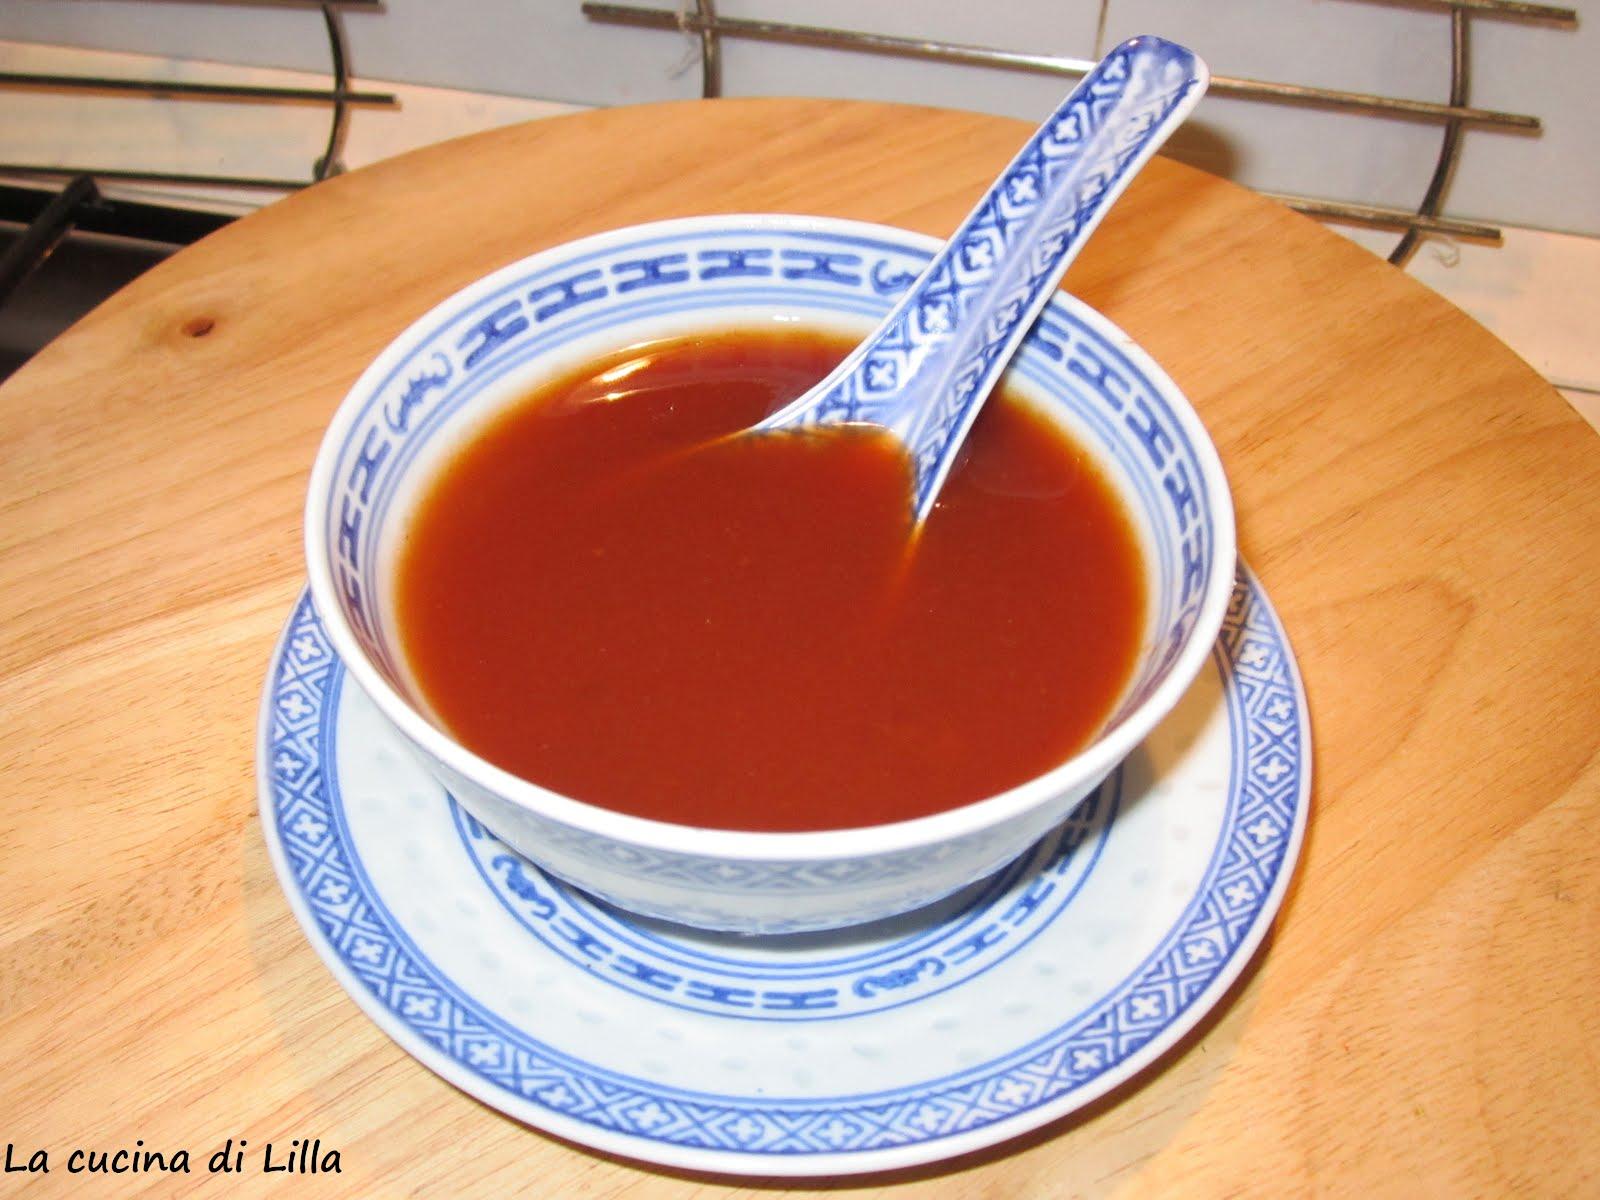 La cucina di lilla salse for Una salsa da cucina cinese